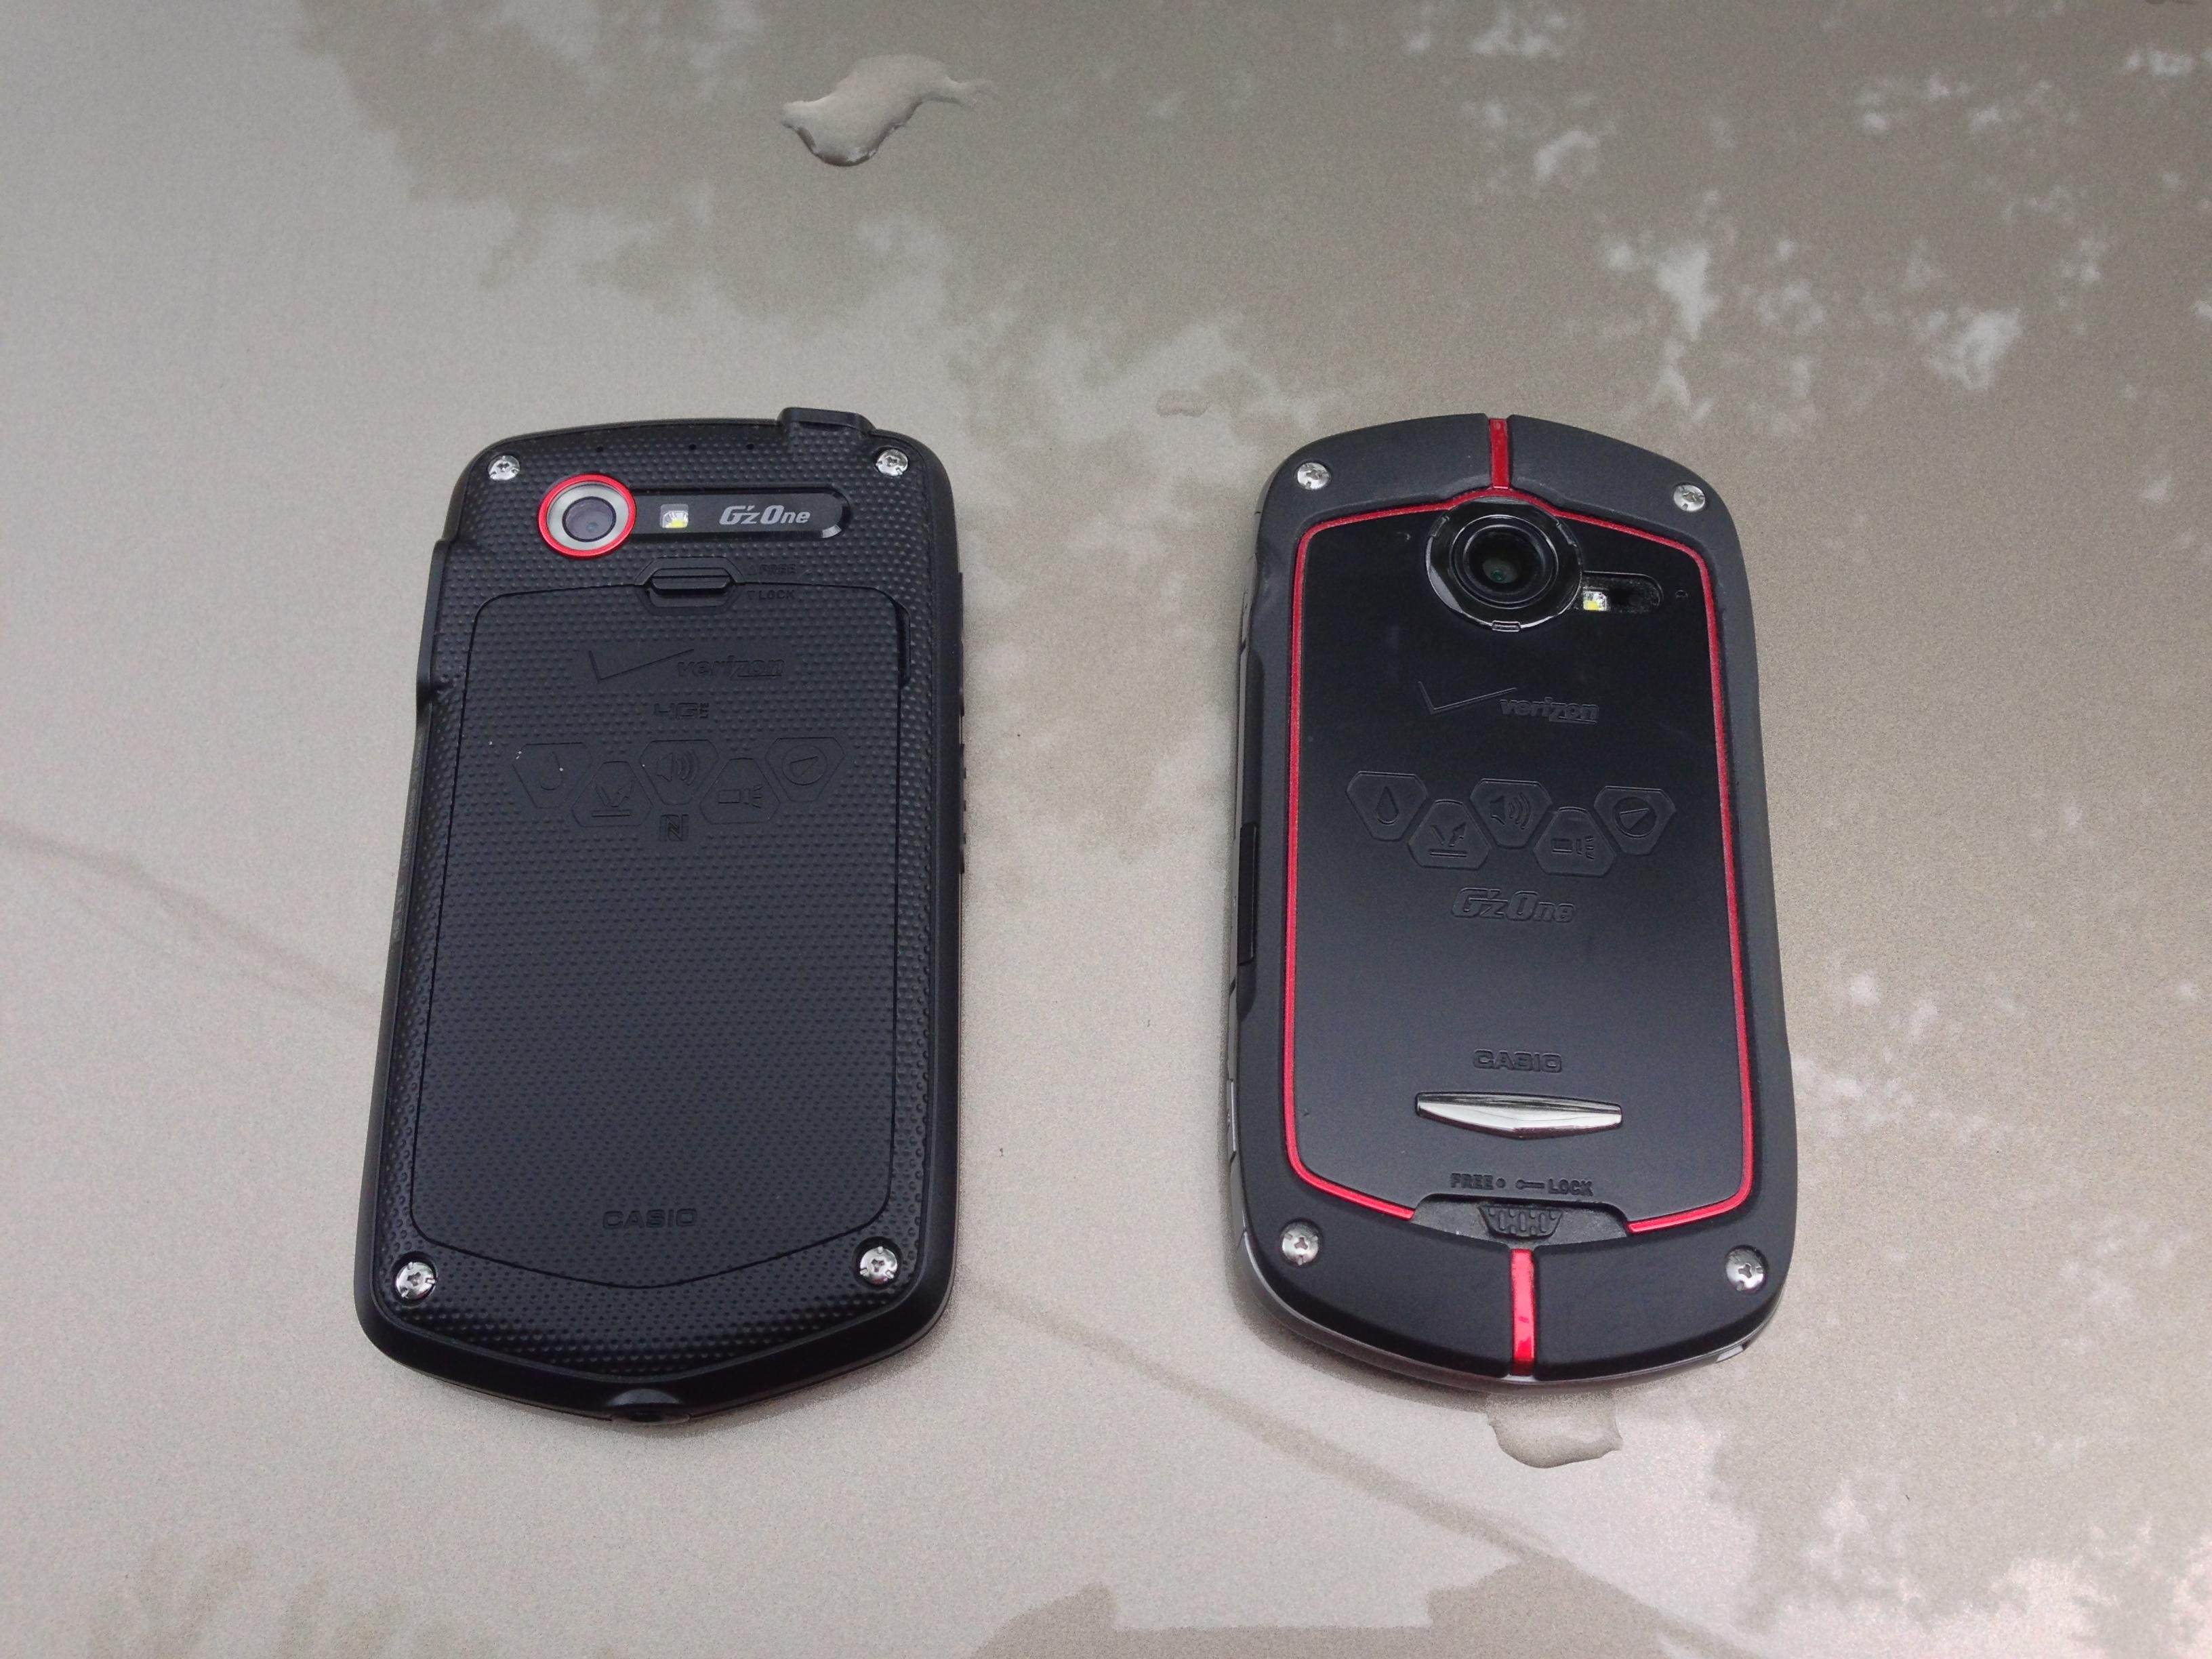 casio g zone commando 4g lte review verizon wireless rh gottabemobile com Casio G'zOne Ravine Casio G'zOne Commando Manual